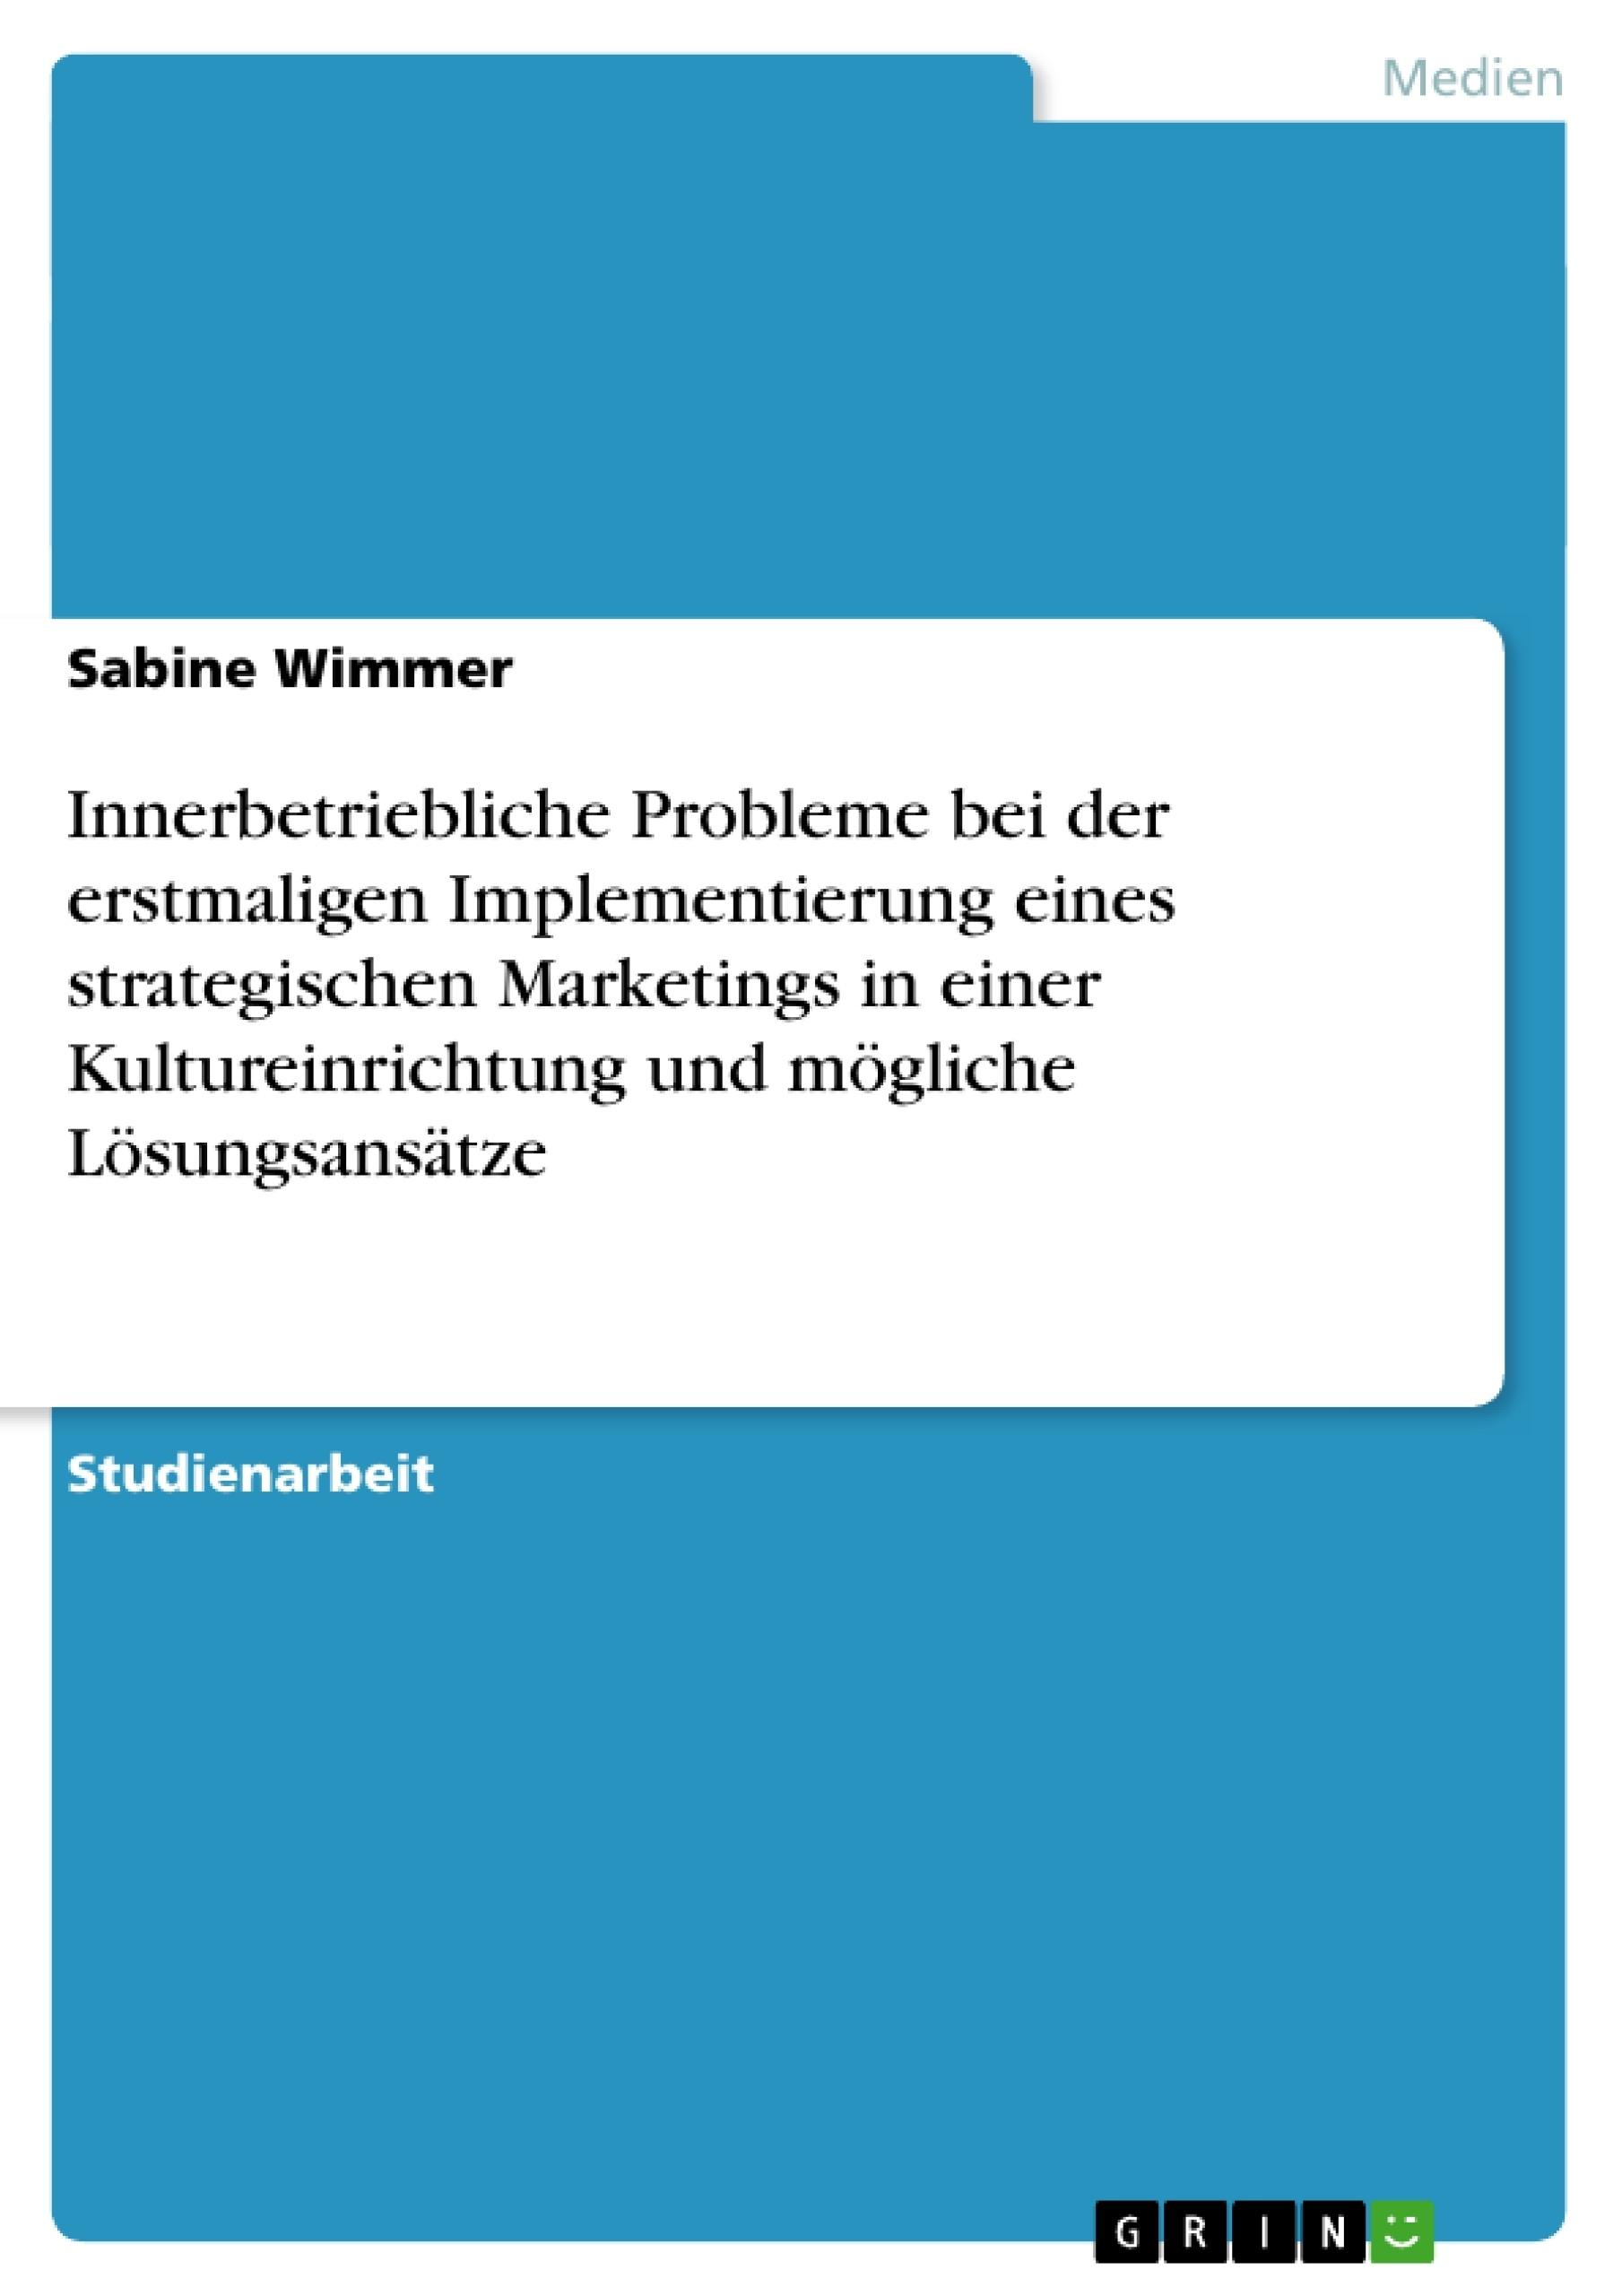 Titel: Innerbetriebliche Probleme bei der erstmaligen Implementierung eines strategischen Marketings in einer Kultureinrichtung und mögliche Lösungsansätze